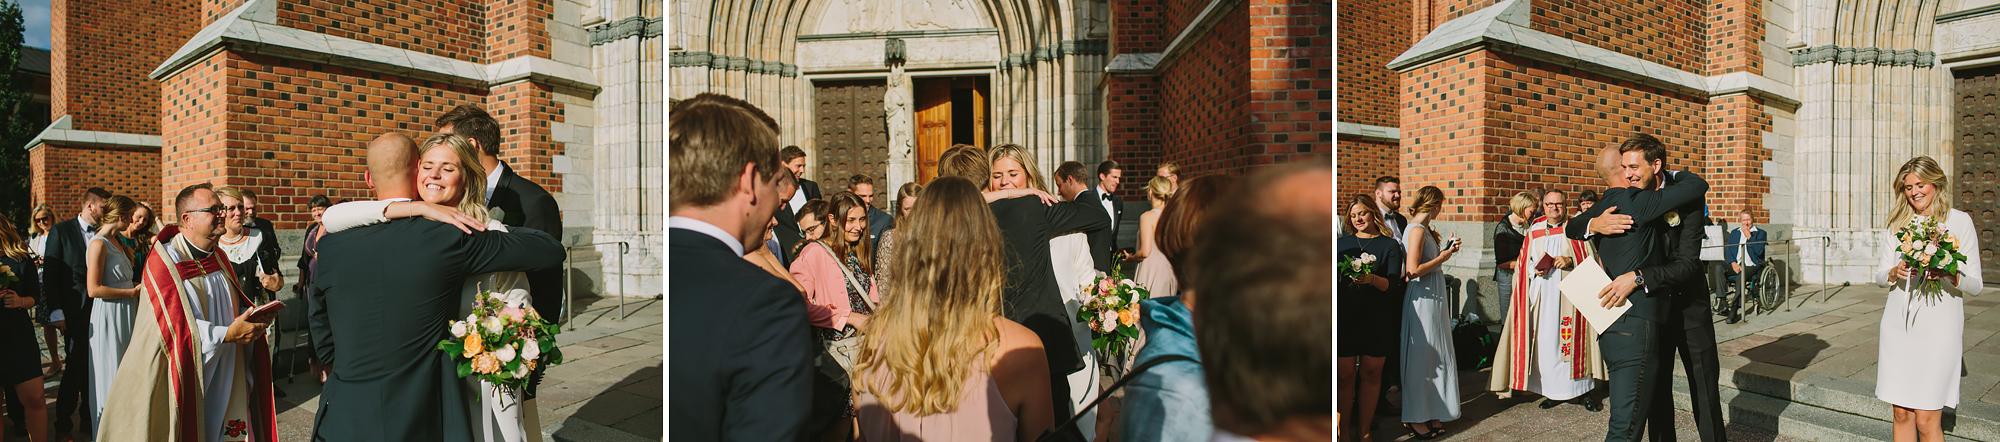 gäster gratulerar brudparet